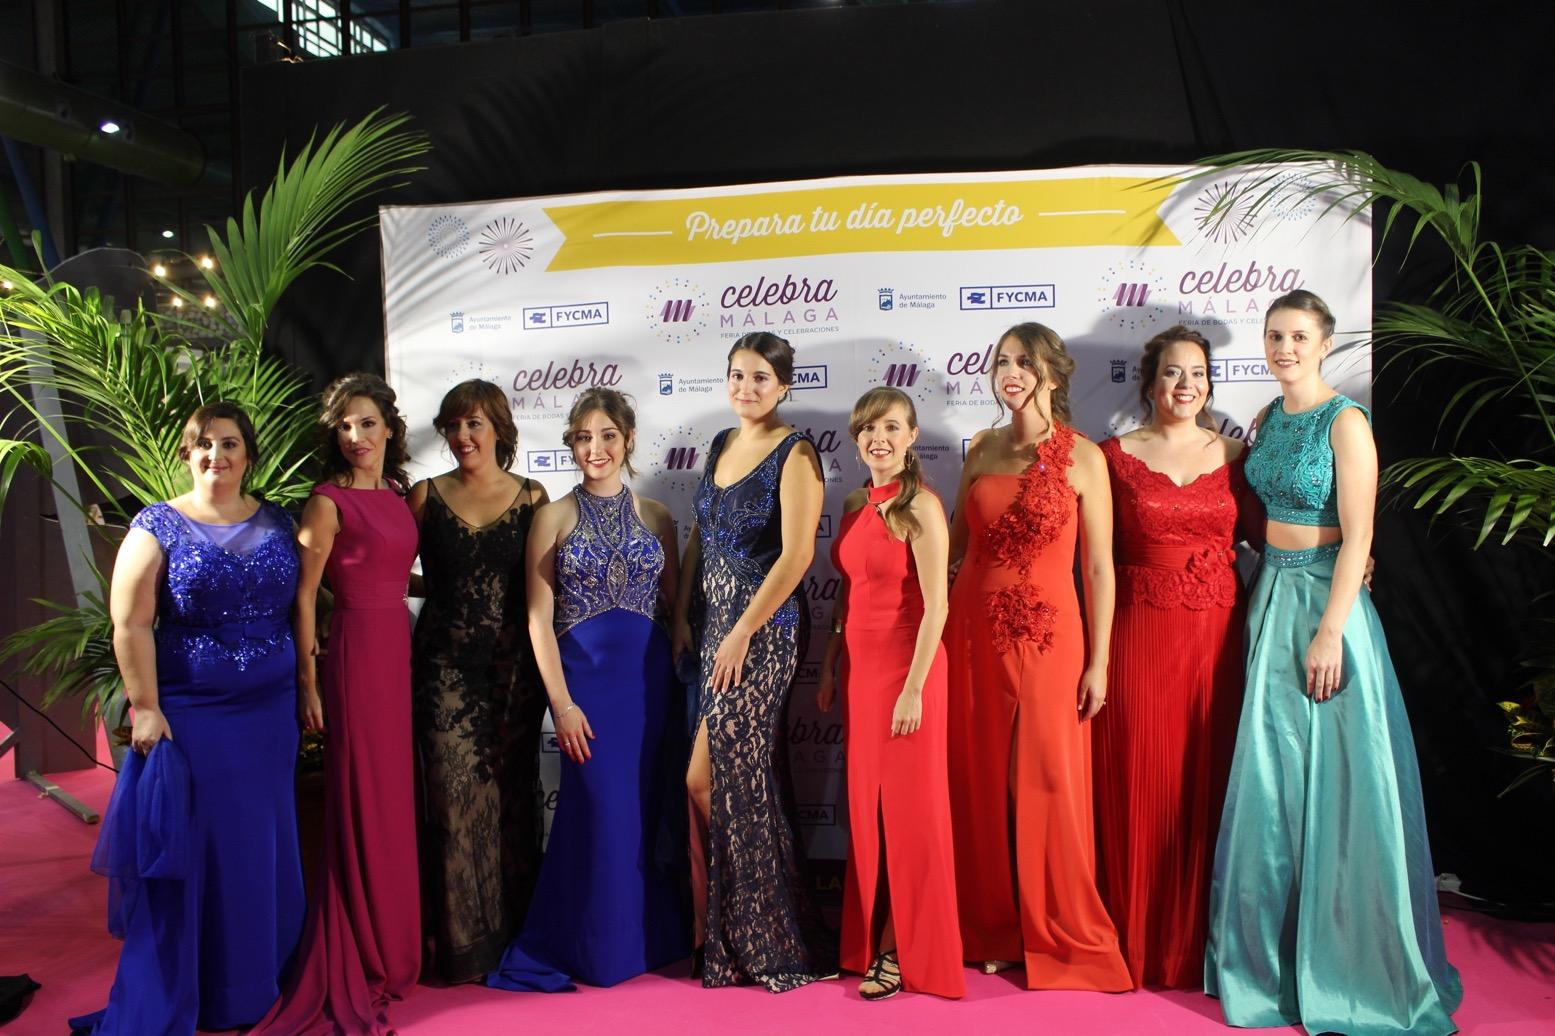 aa5415e81 El Palacio de Ferias y Congresos de la capital acoge Celebra Málaga ...